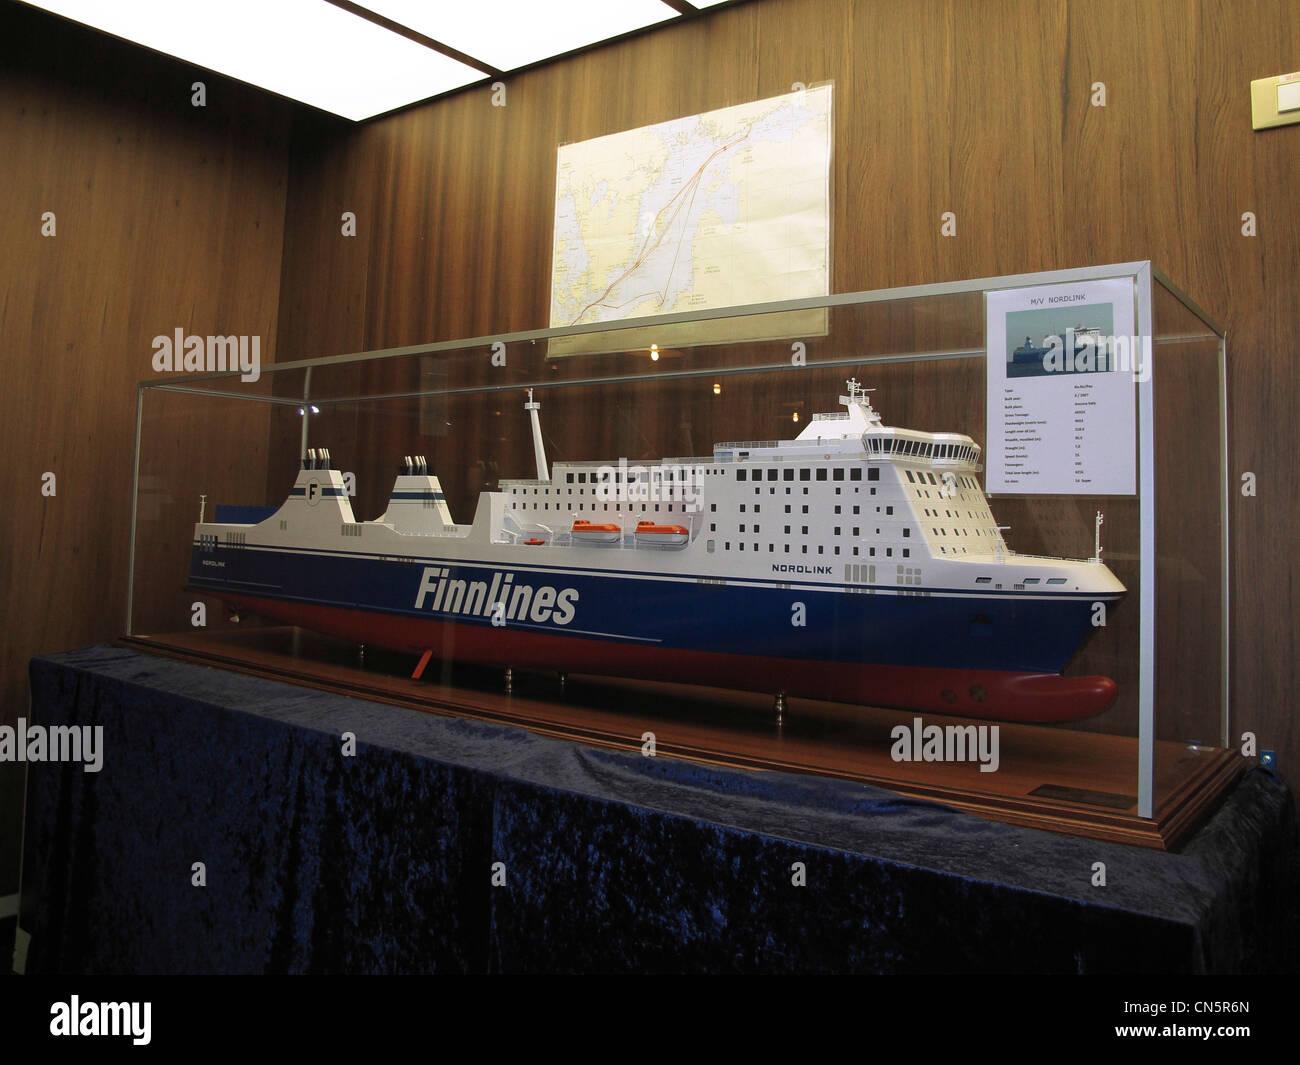 Scandinavia Finnline model - Stock Image